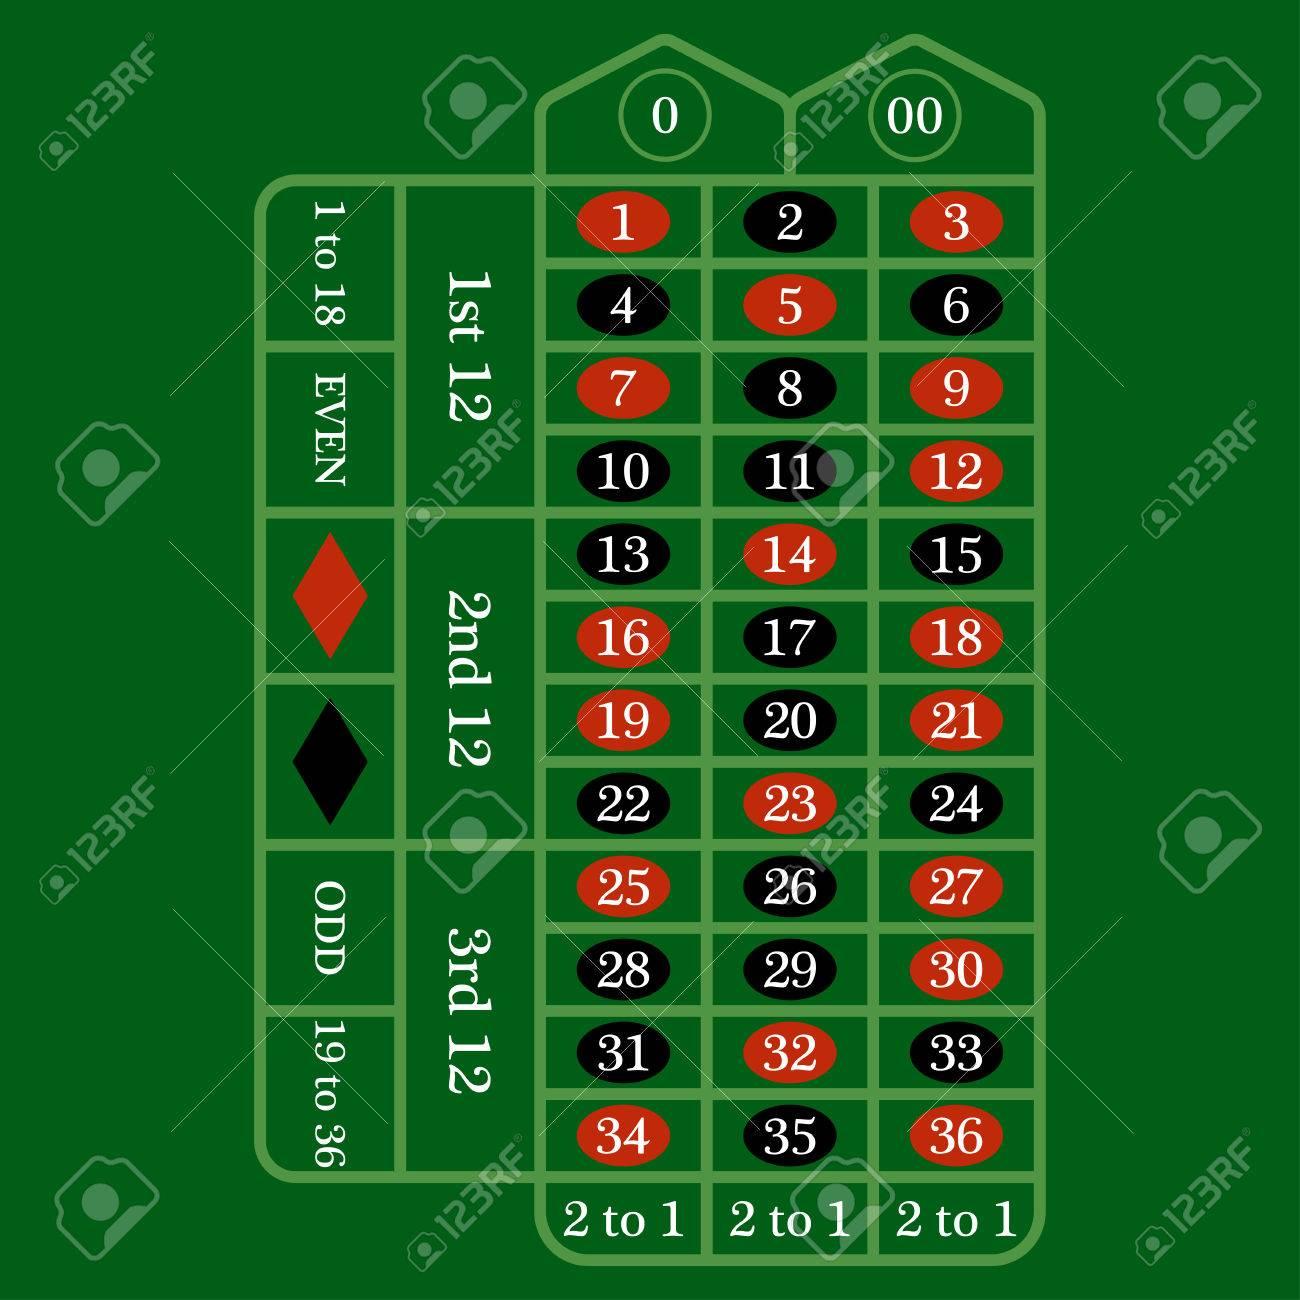 Roulette Tisch Symbol auf grünem Hintergrund. Vektor Illustration.